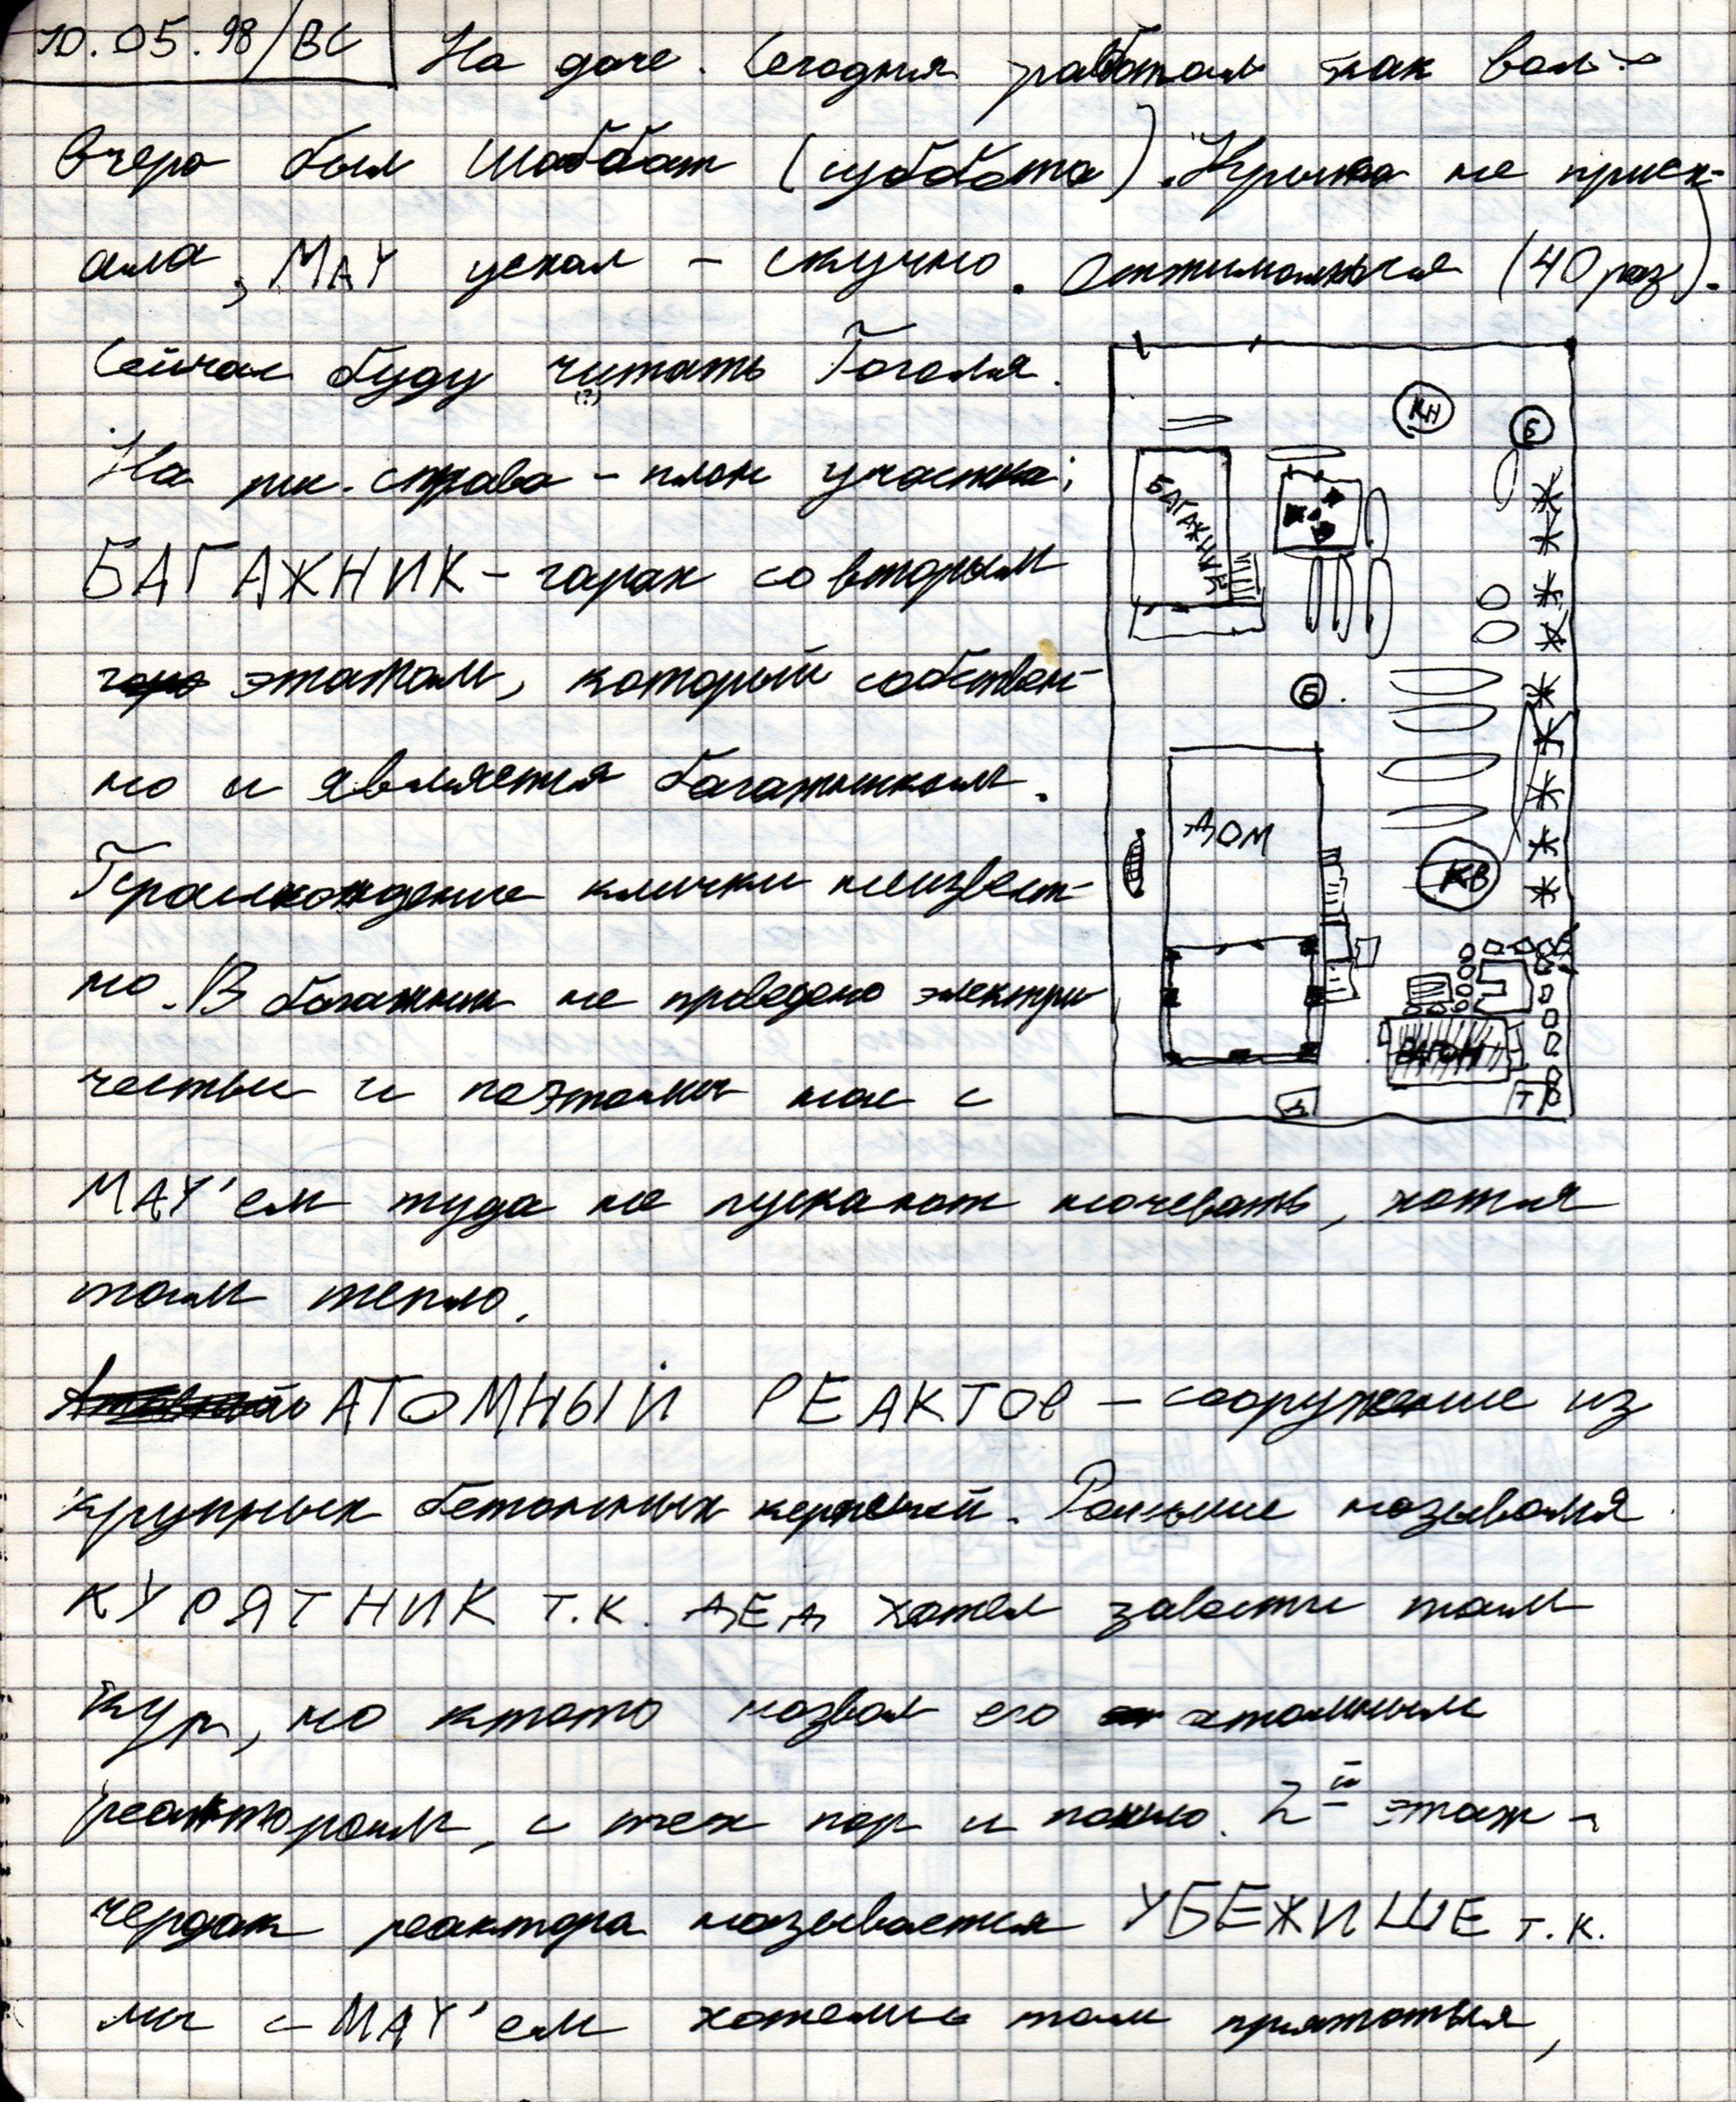 Запись из дневника от 10.05.1998, 1 страница из 2